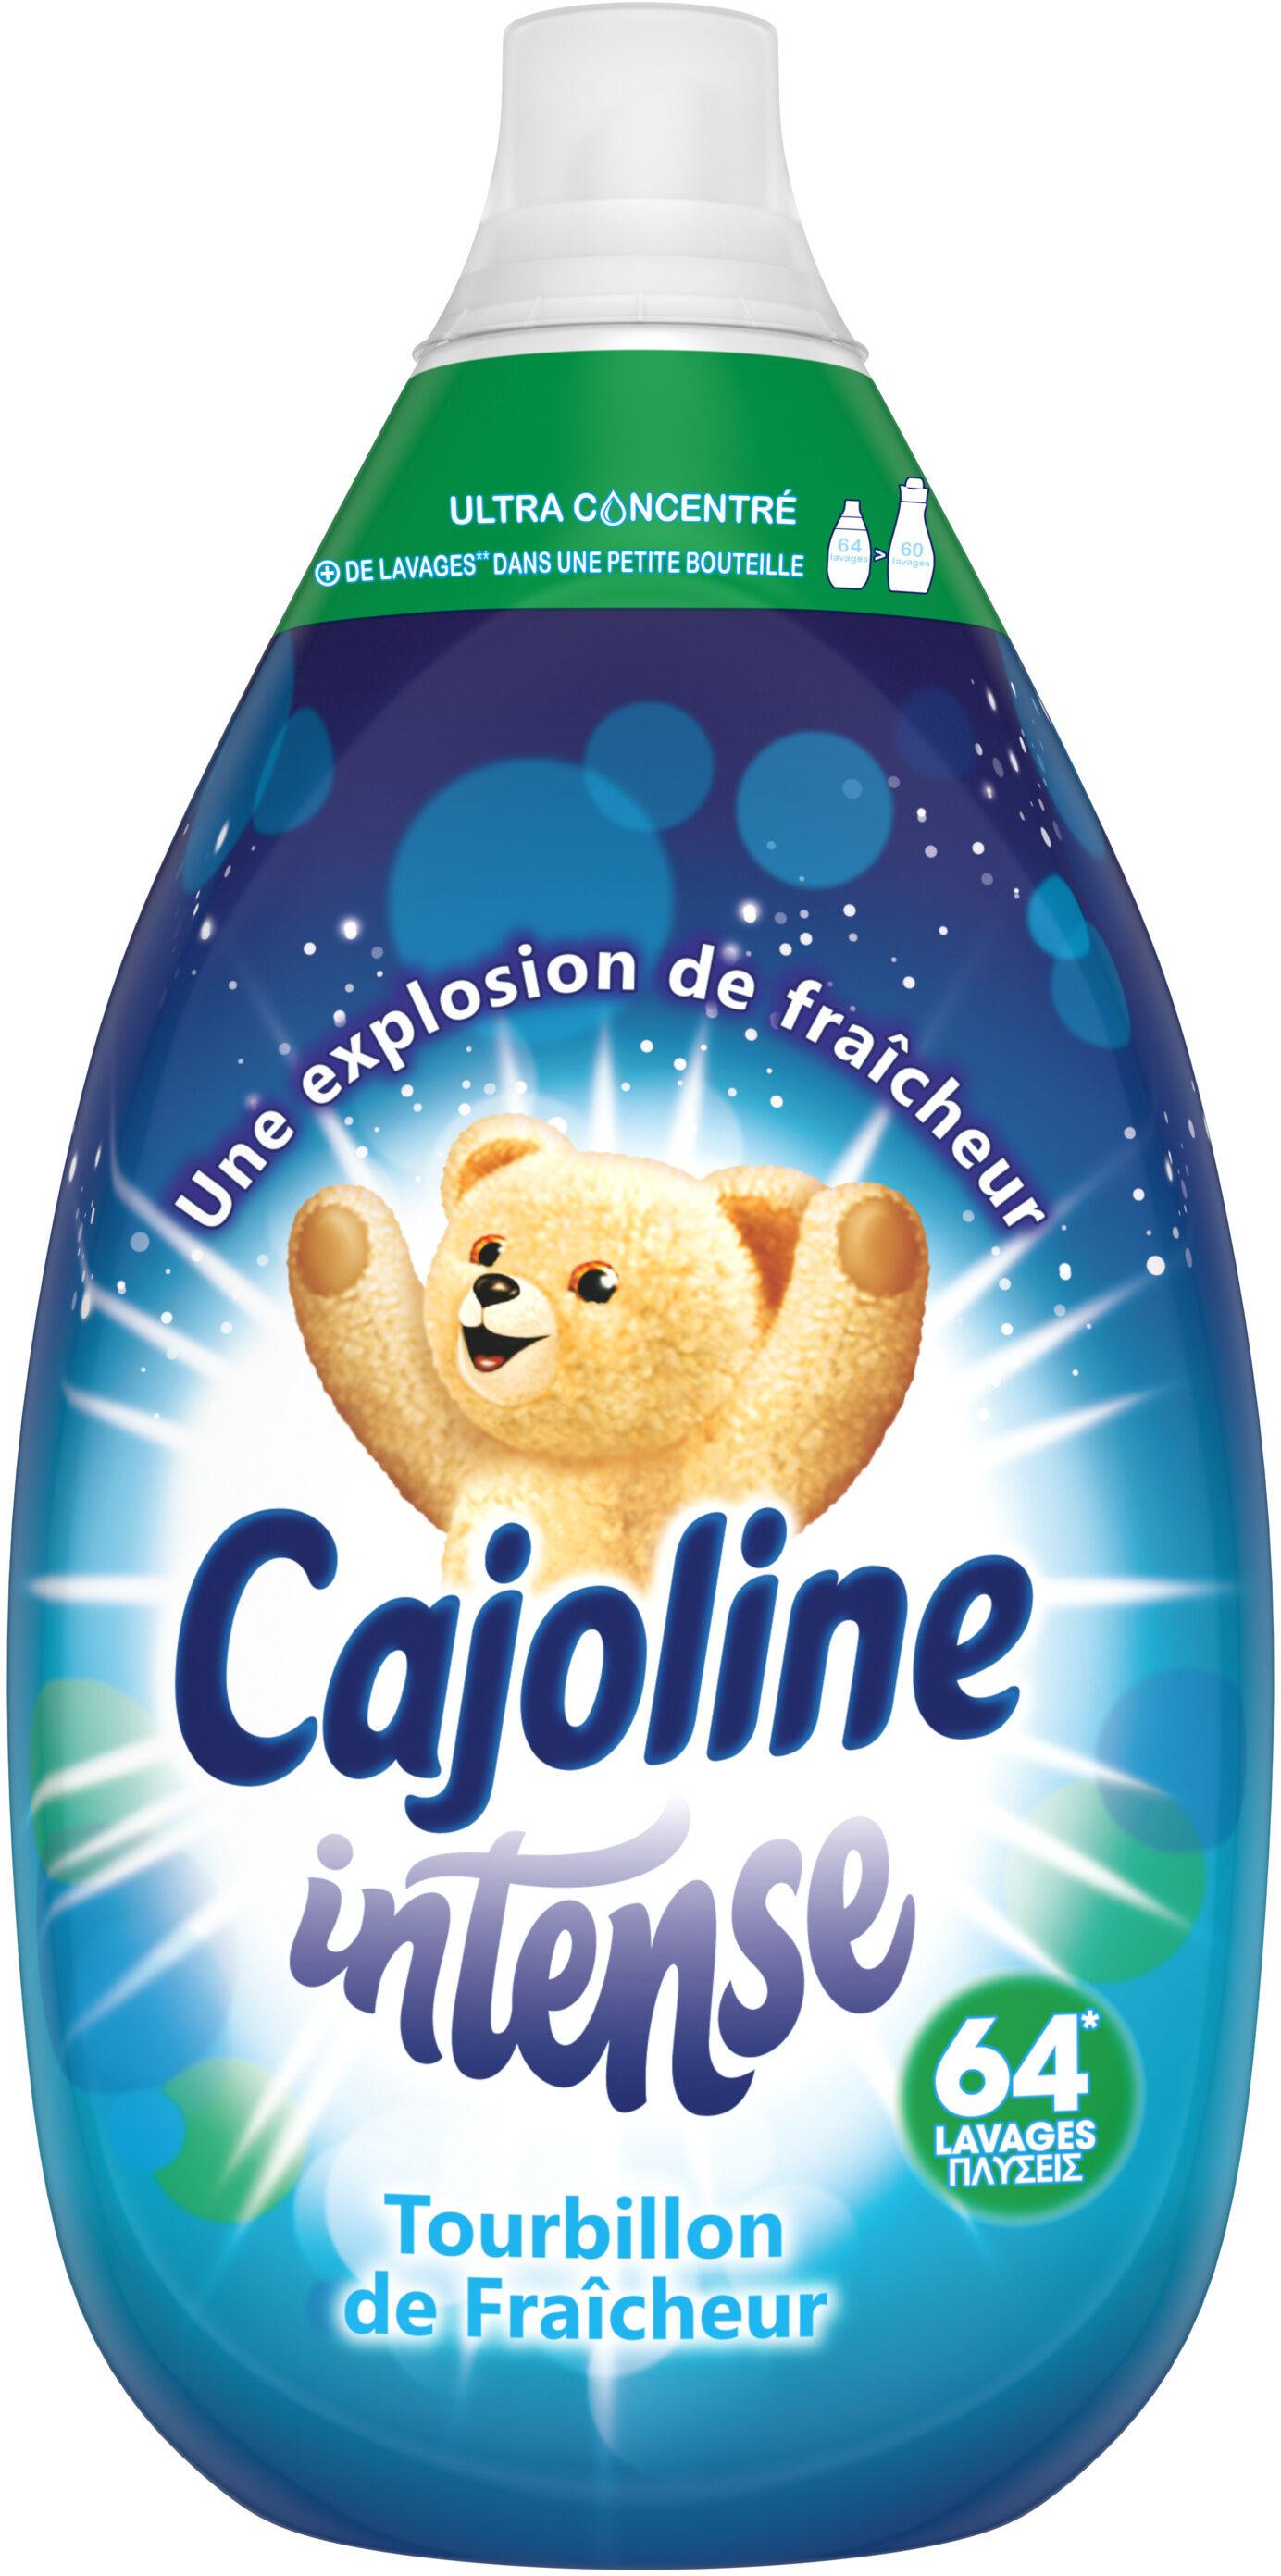 CAJOLINE Assouplissant Ultra-Concentré Tourbillon de Fraîcheur 960ml, 64 lavages - Product - fr